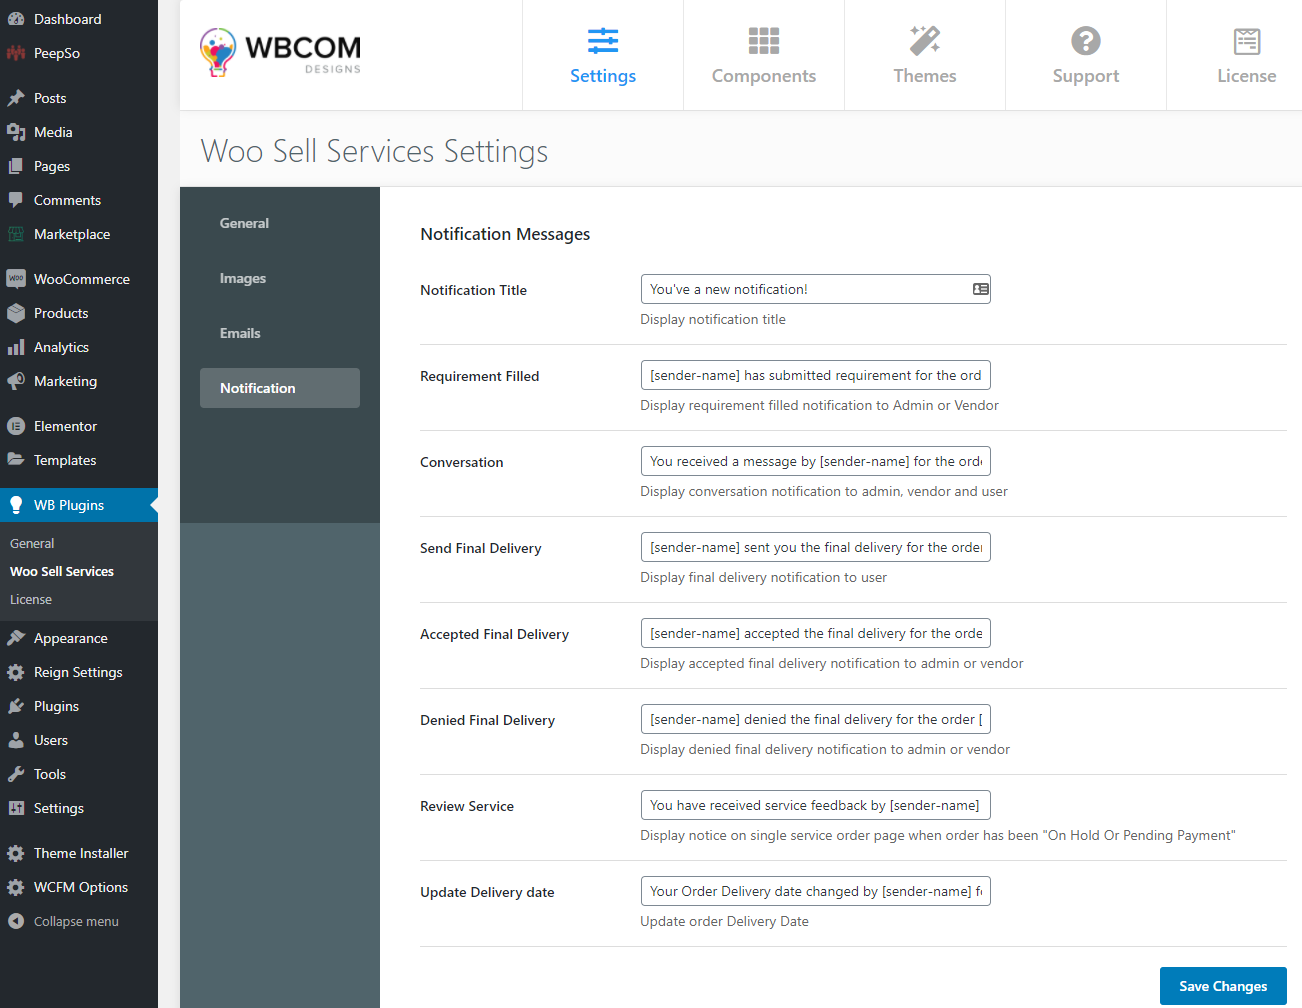 6 6 - Wbcom Designs